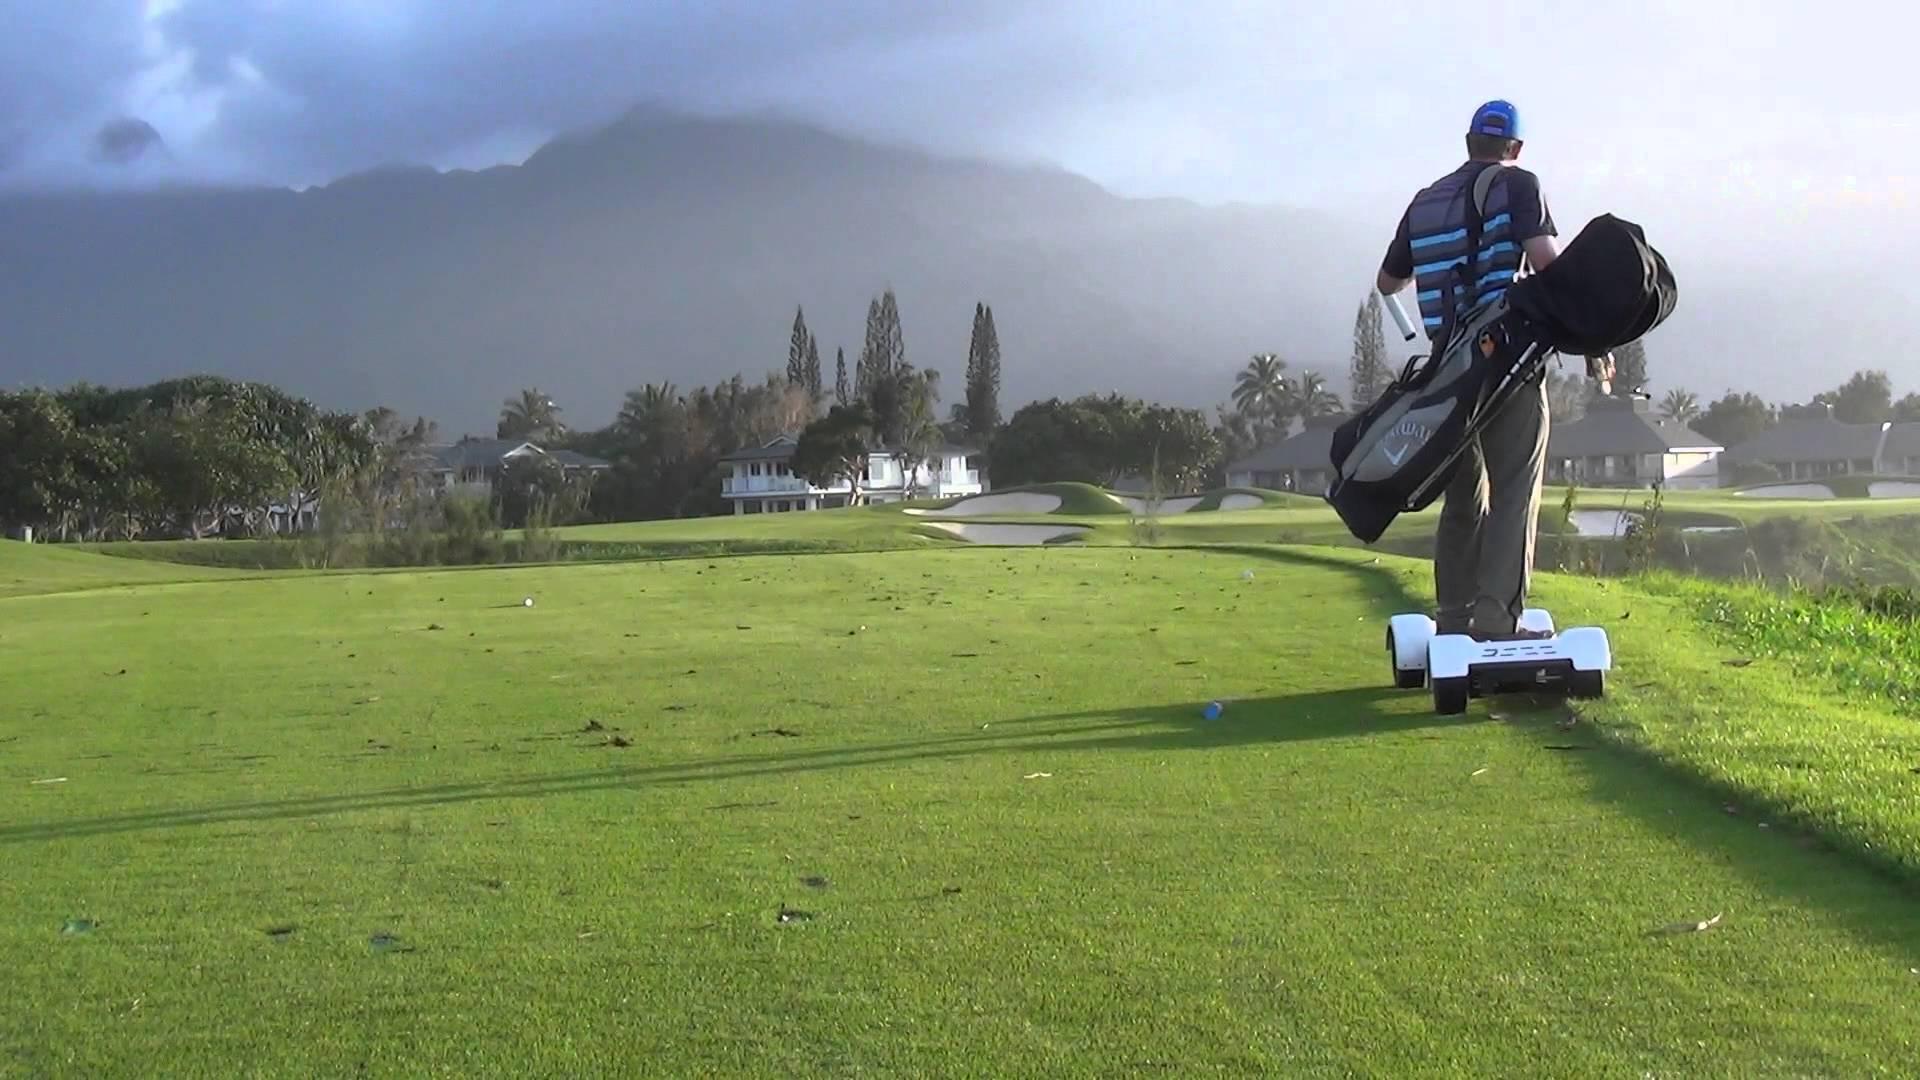 GolfBoard-surf-skate-des-parcours-golf-innovation-produit-de-année-PGA-électrique-effronte-high-tech-01